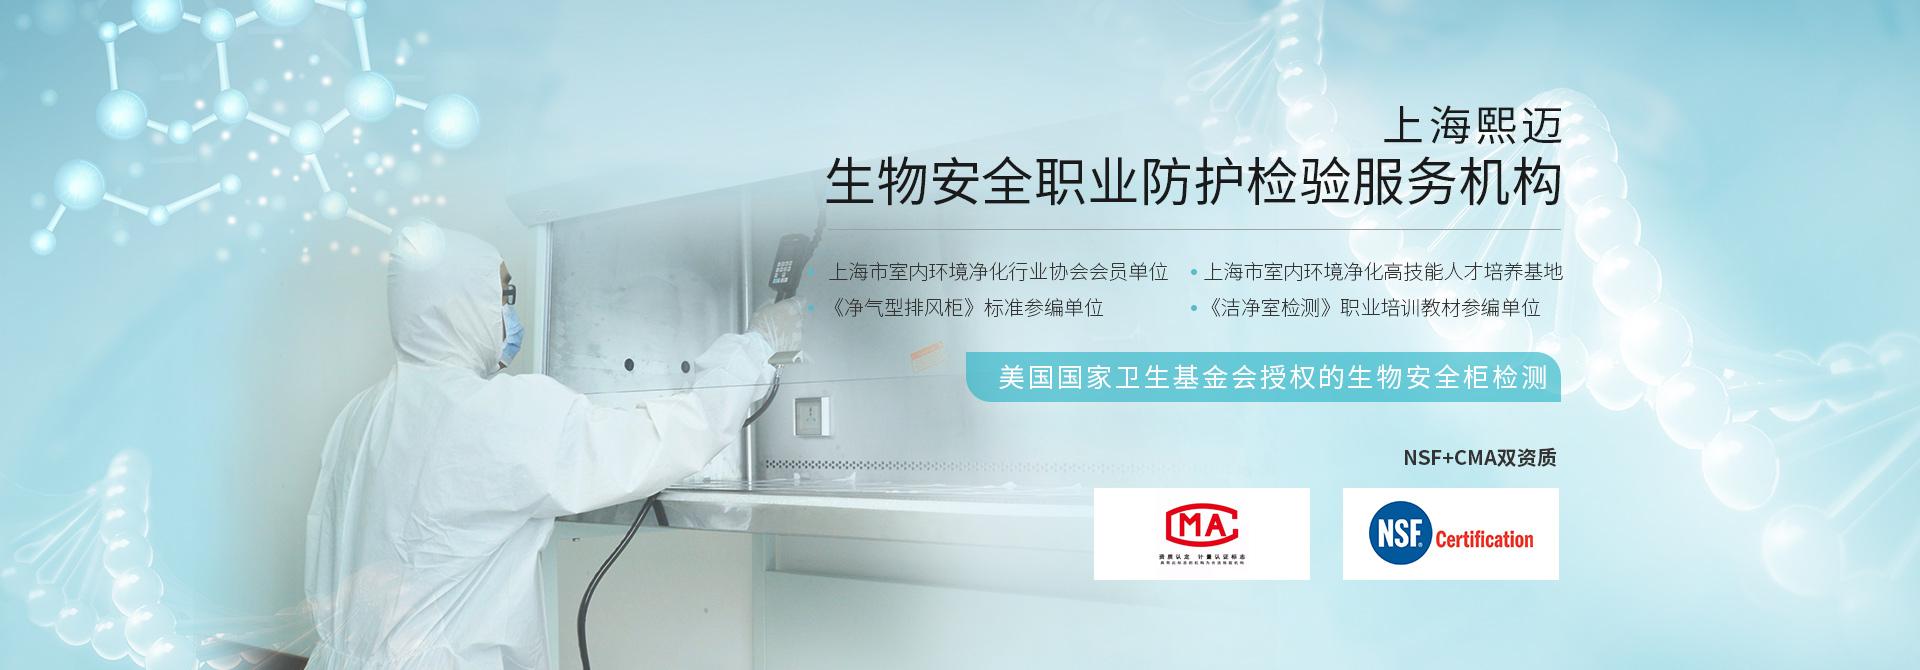 上海熙迈·生物安全职业防护检验服务机构